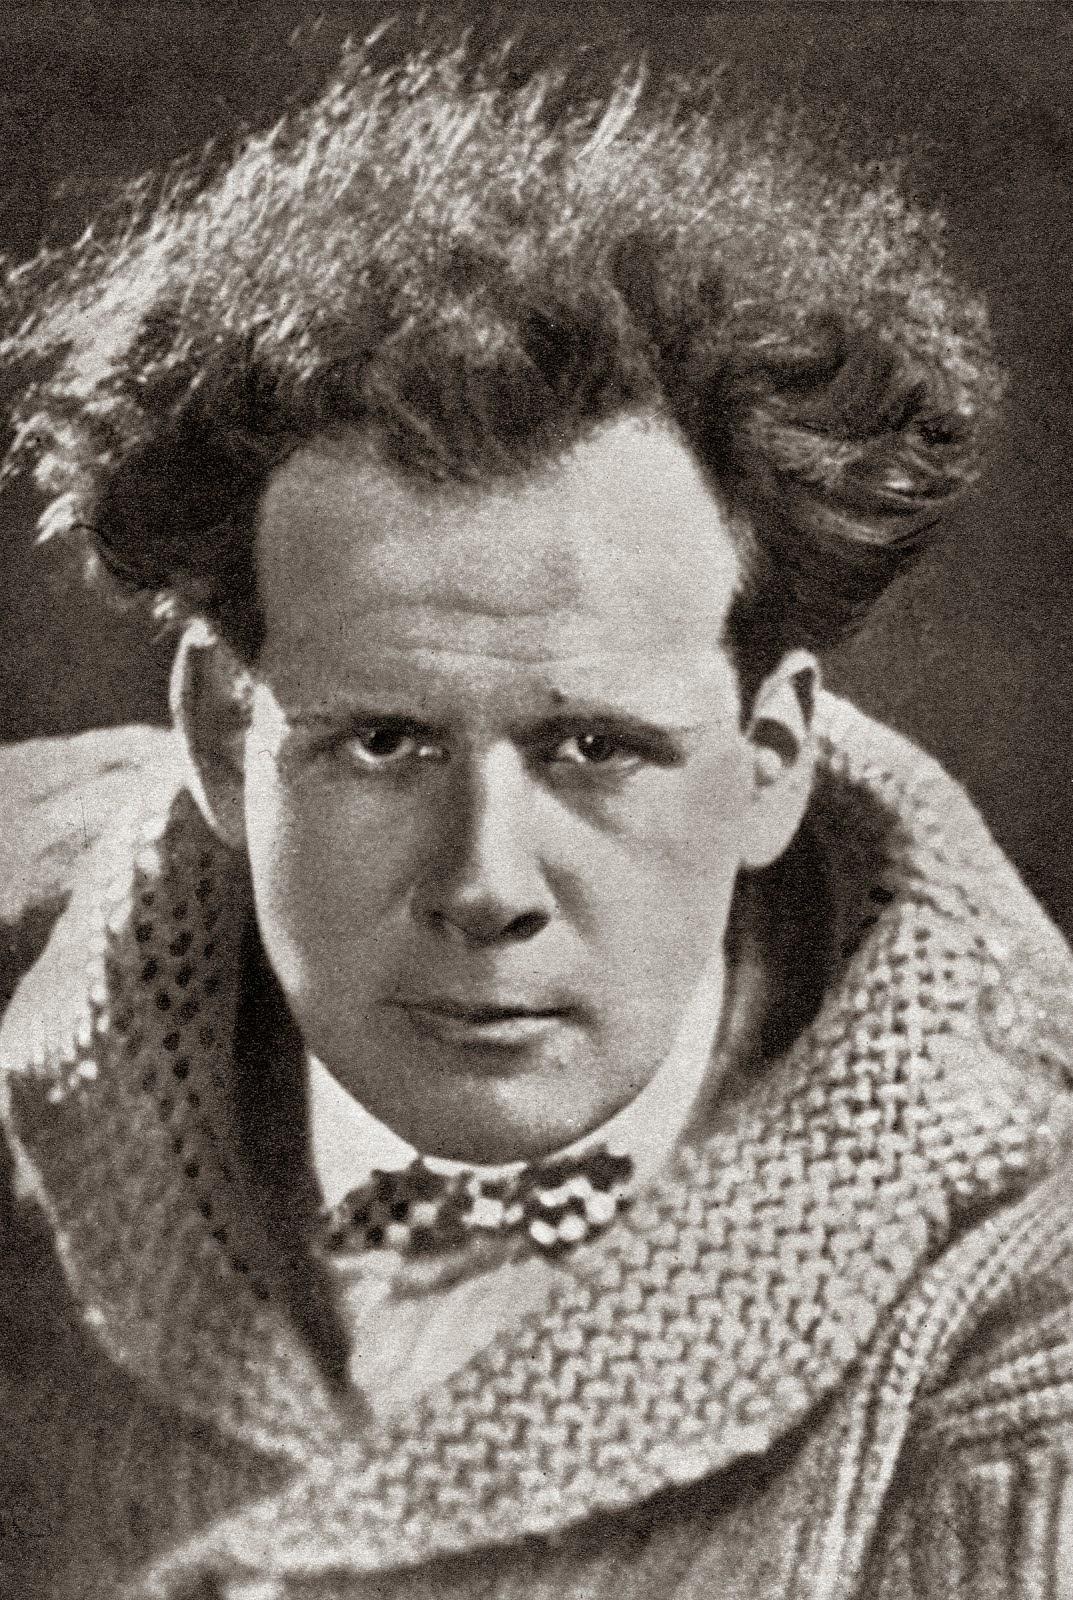 Sergei M. Eisenstein